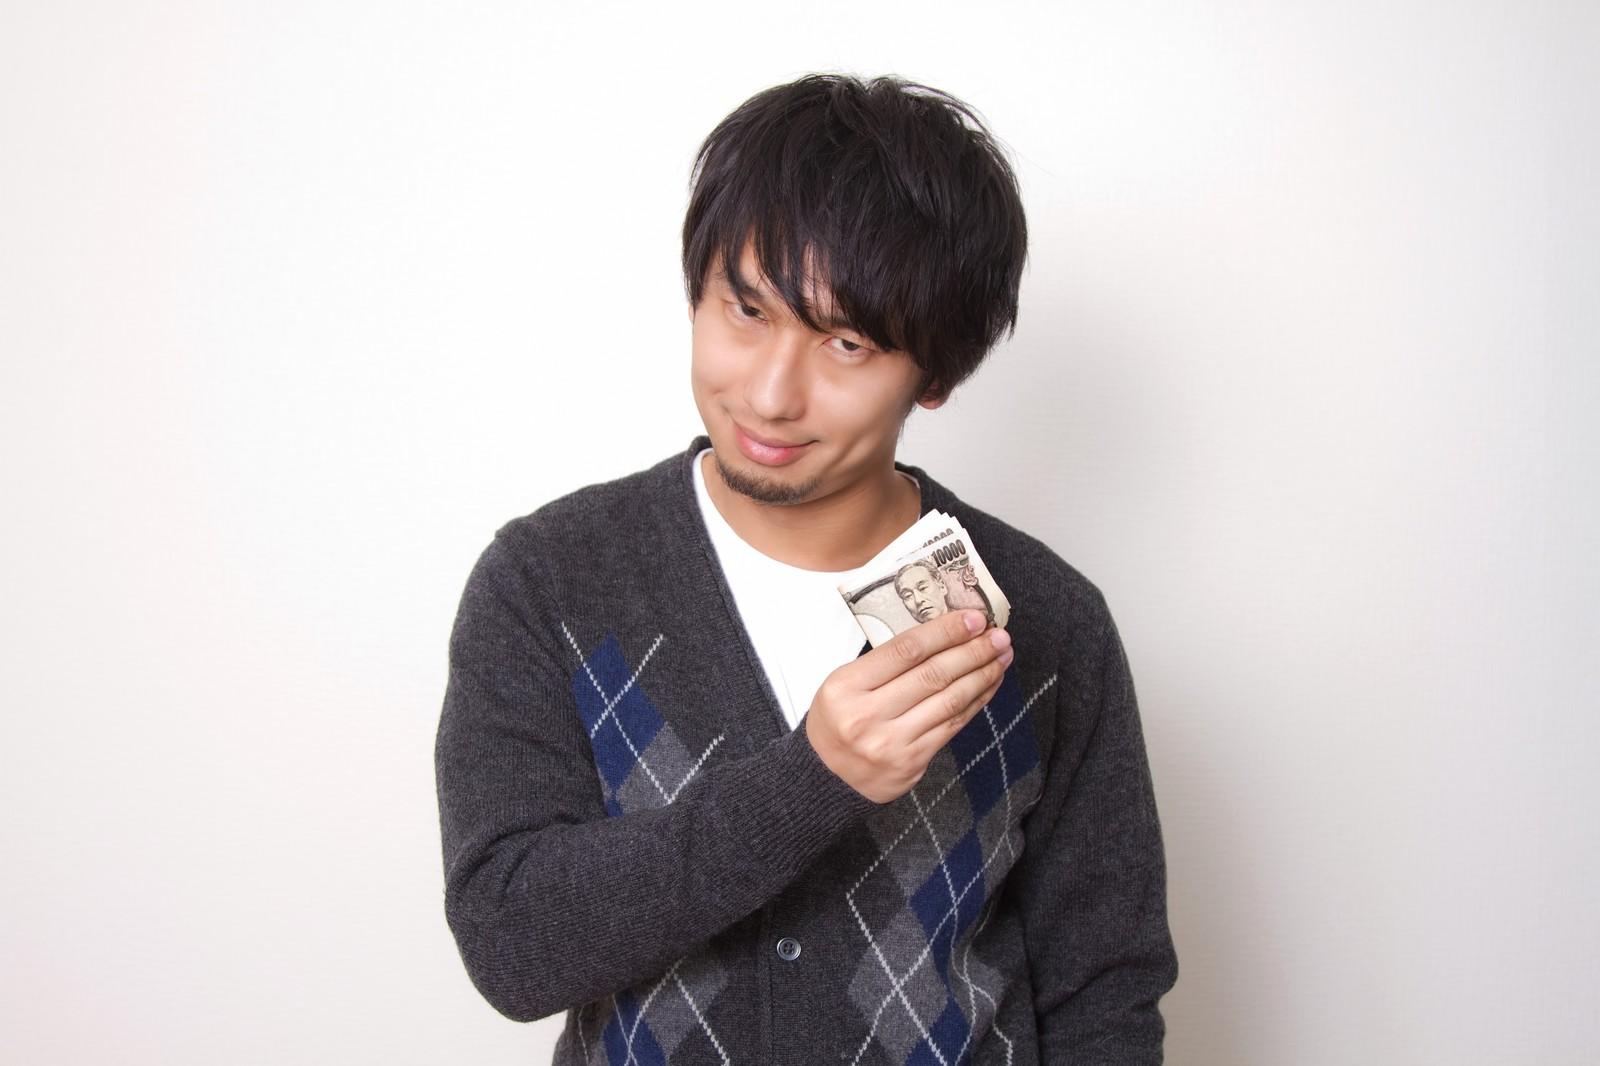 アドセンスページRPM1,000円超え